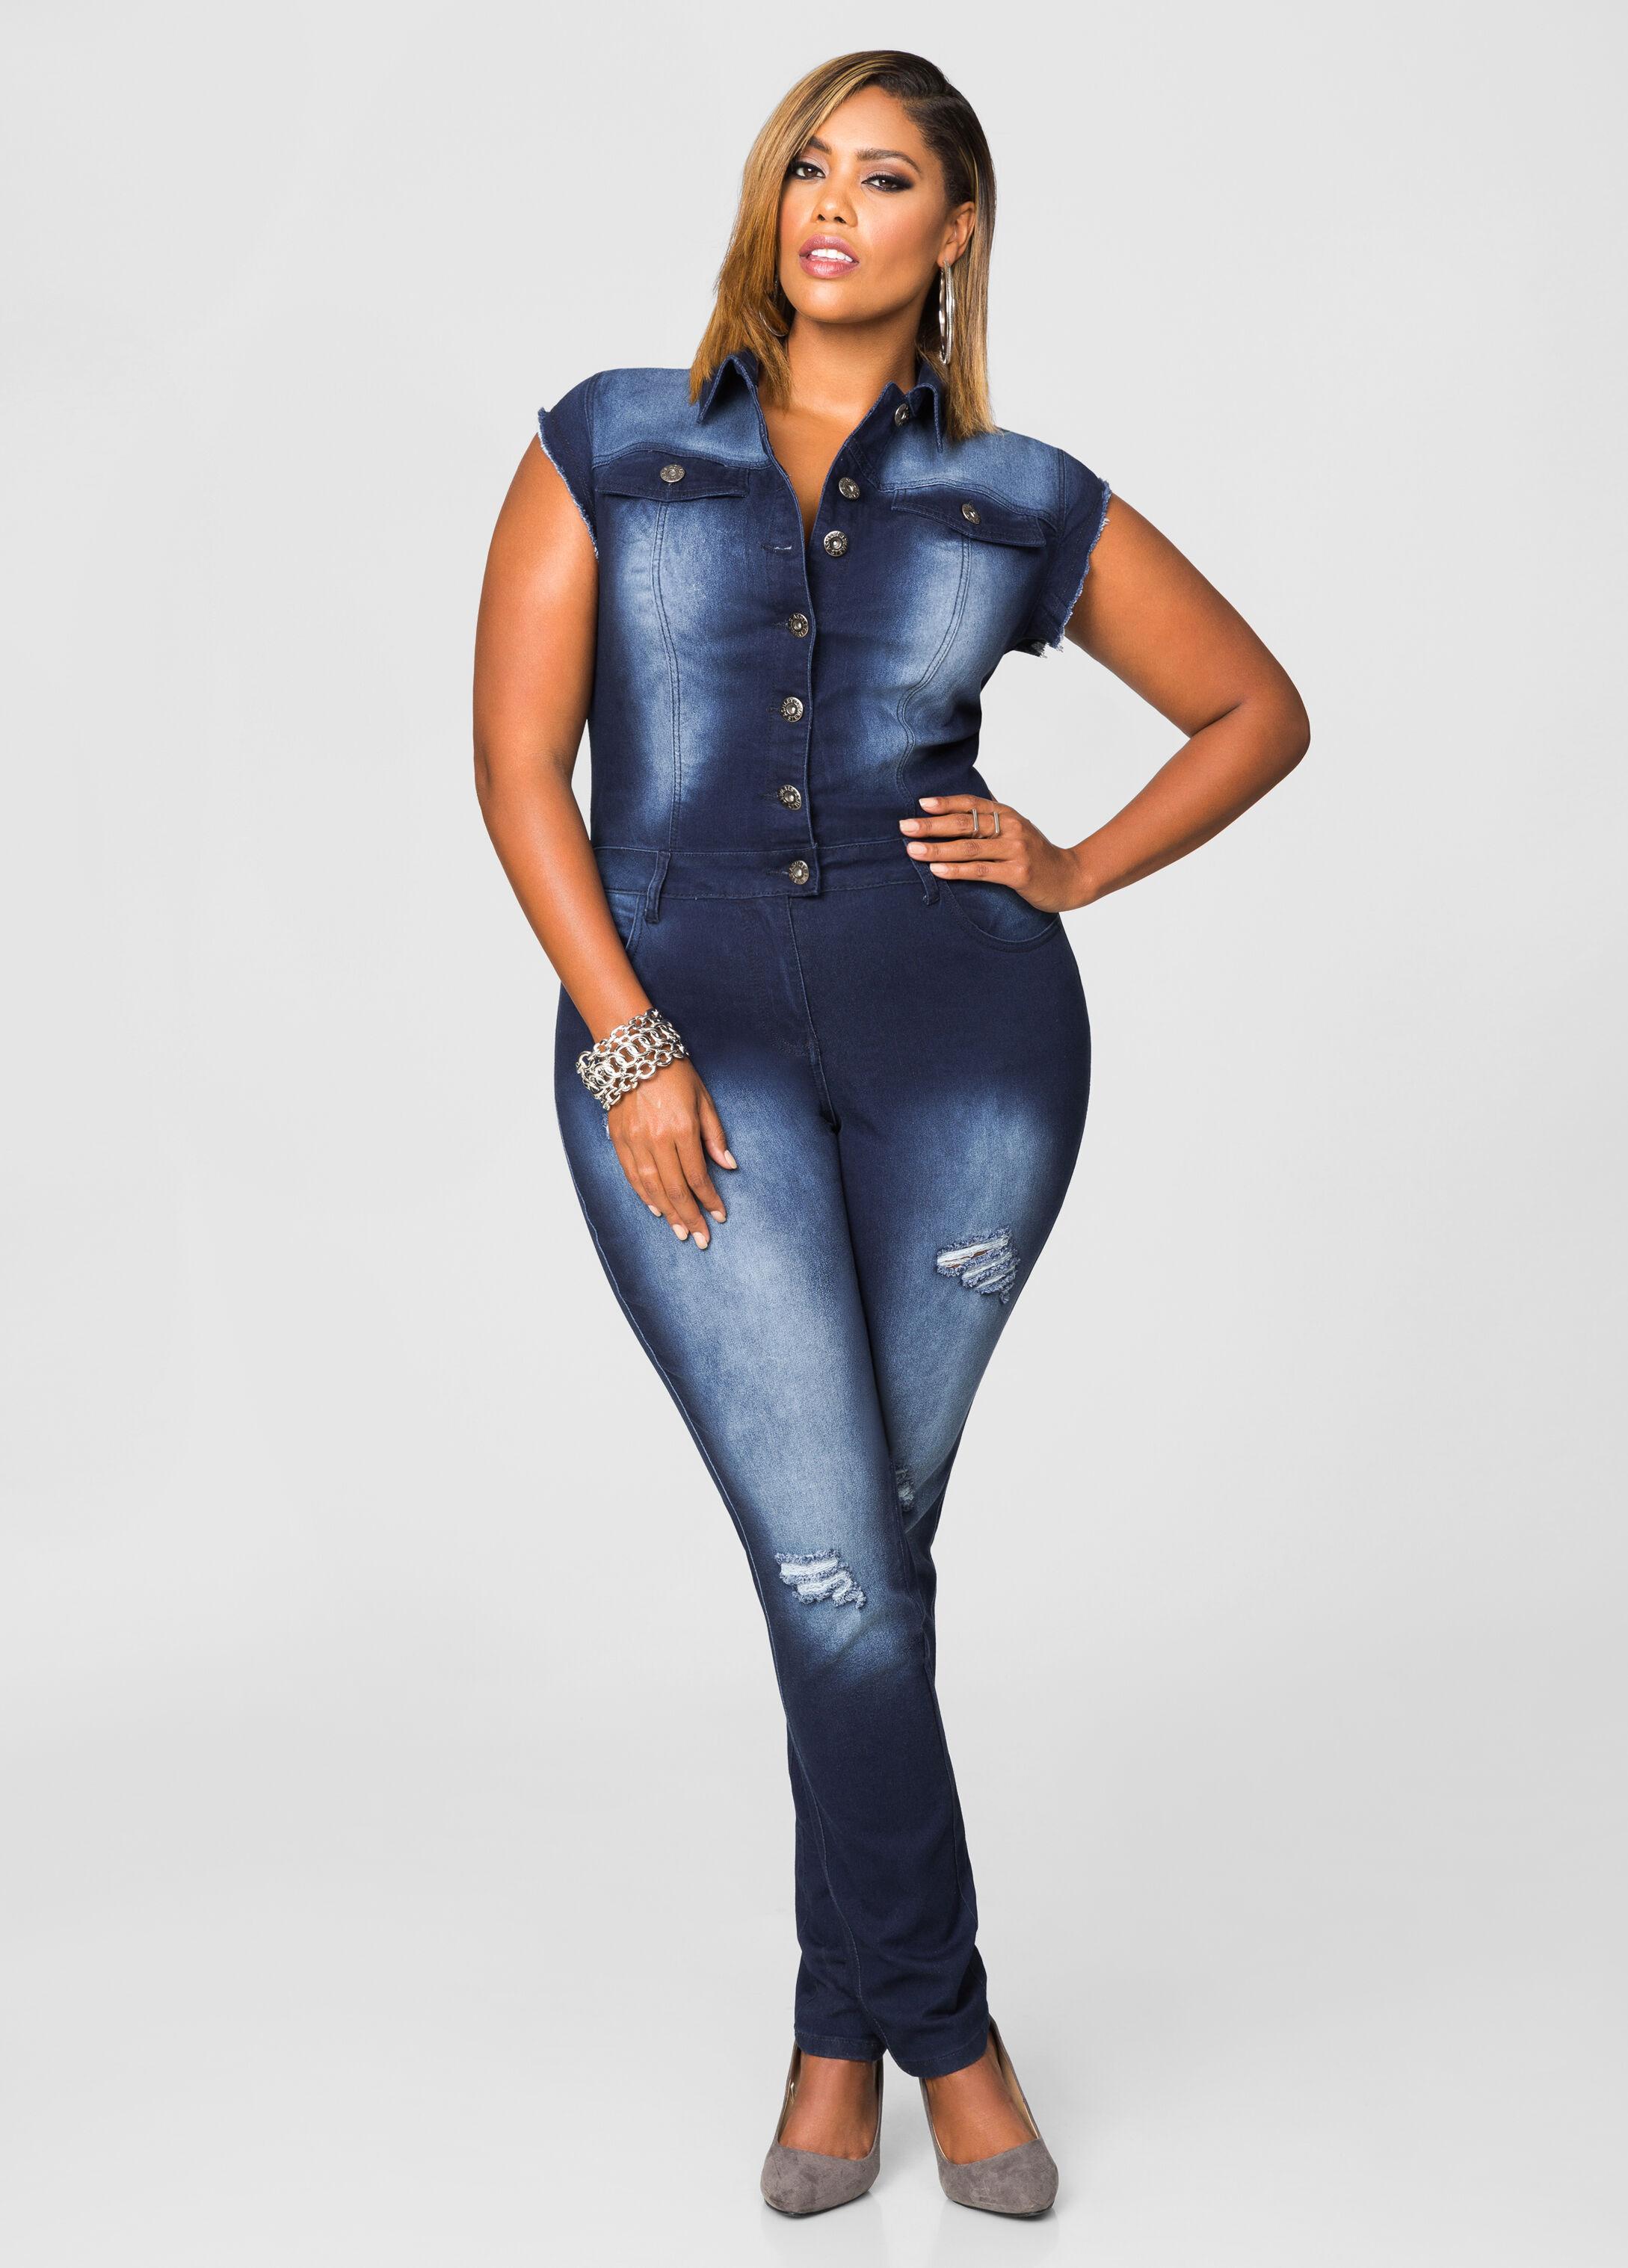 385c96567596 Destructed denim jumpsuit plus size coats ashley stewart jpg 346x482 Plus  size denim jumpsuits for women